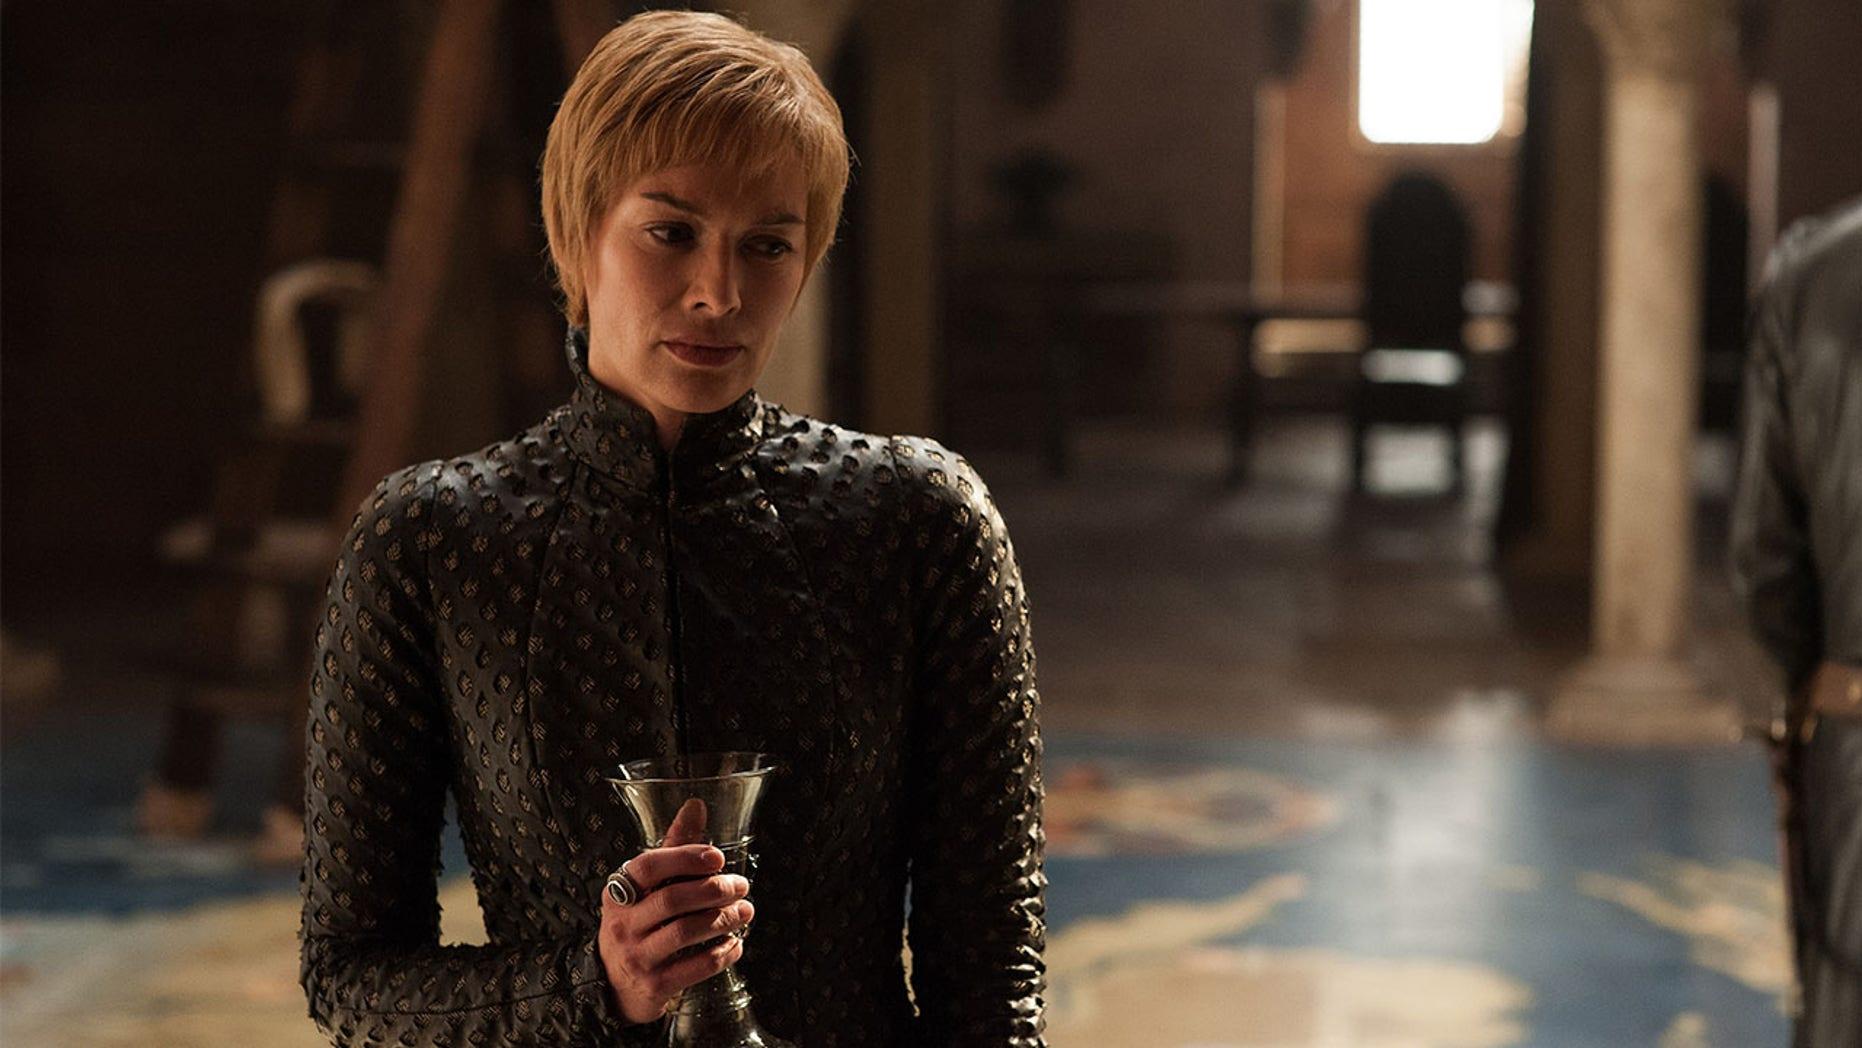 'Game of Thrones' Season 8 director talks ending, 'Gestapo'-like security